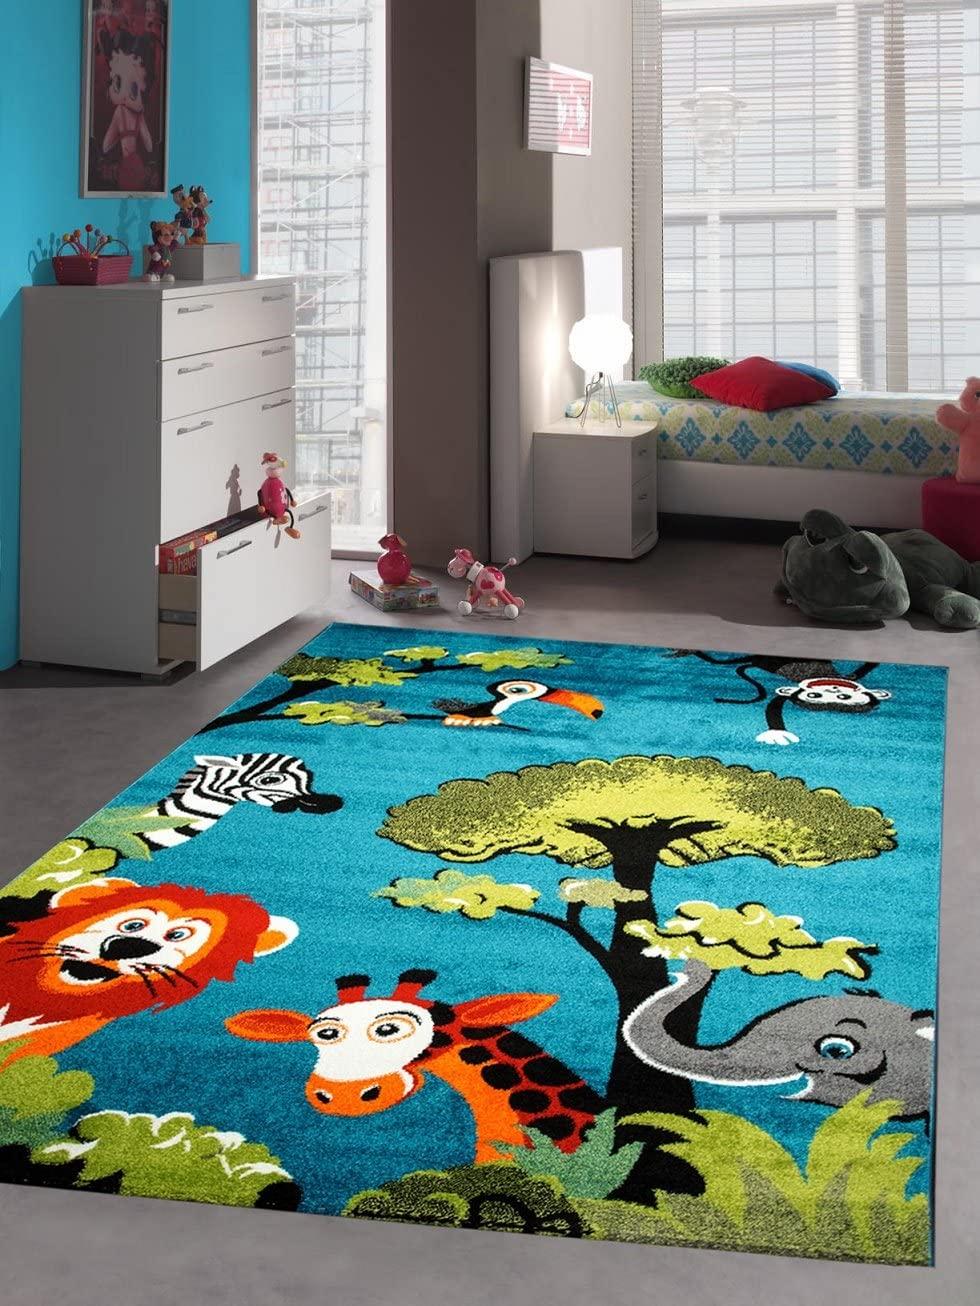 Full Size of Amazonde Kinderteppich Spielteppich Kinderzimmer Teppich Regal Weiß Regale Sofa Kinderzimmer Teppichboden Kinderzimmer